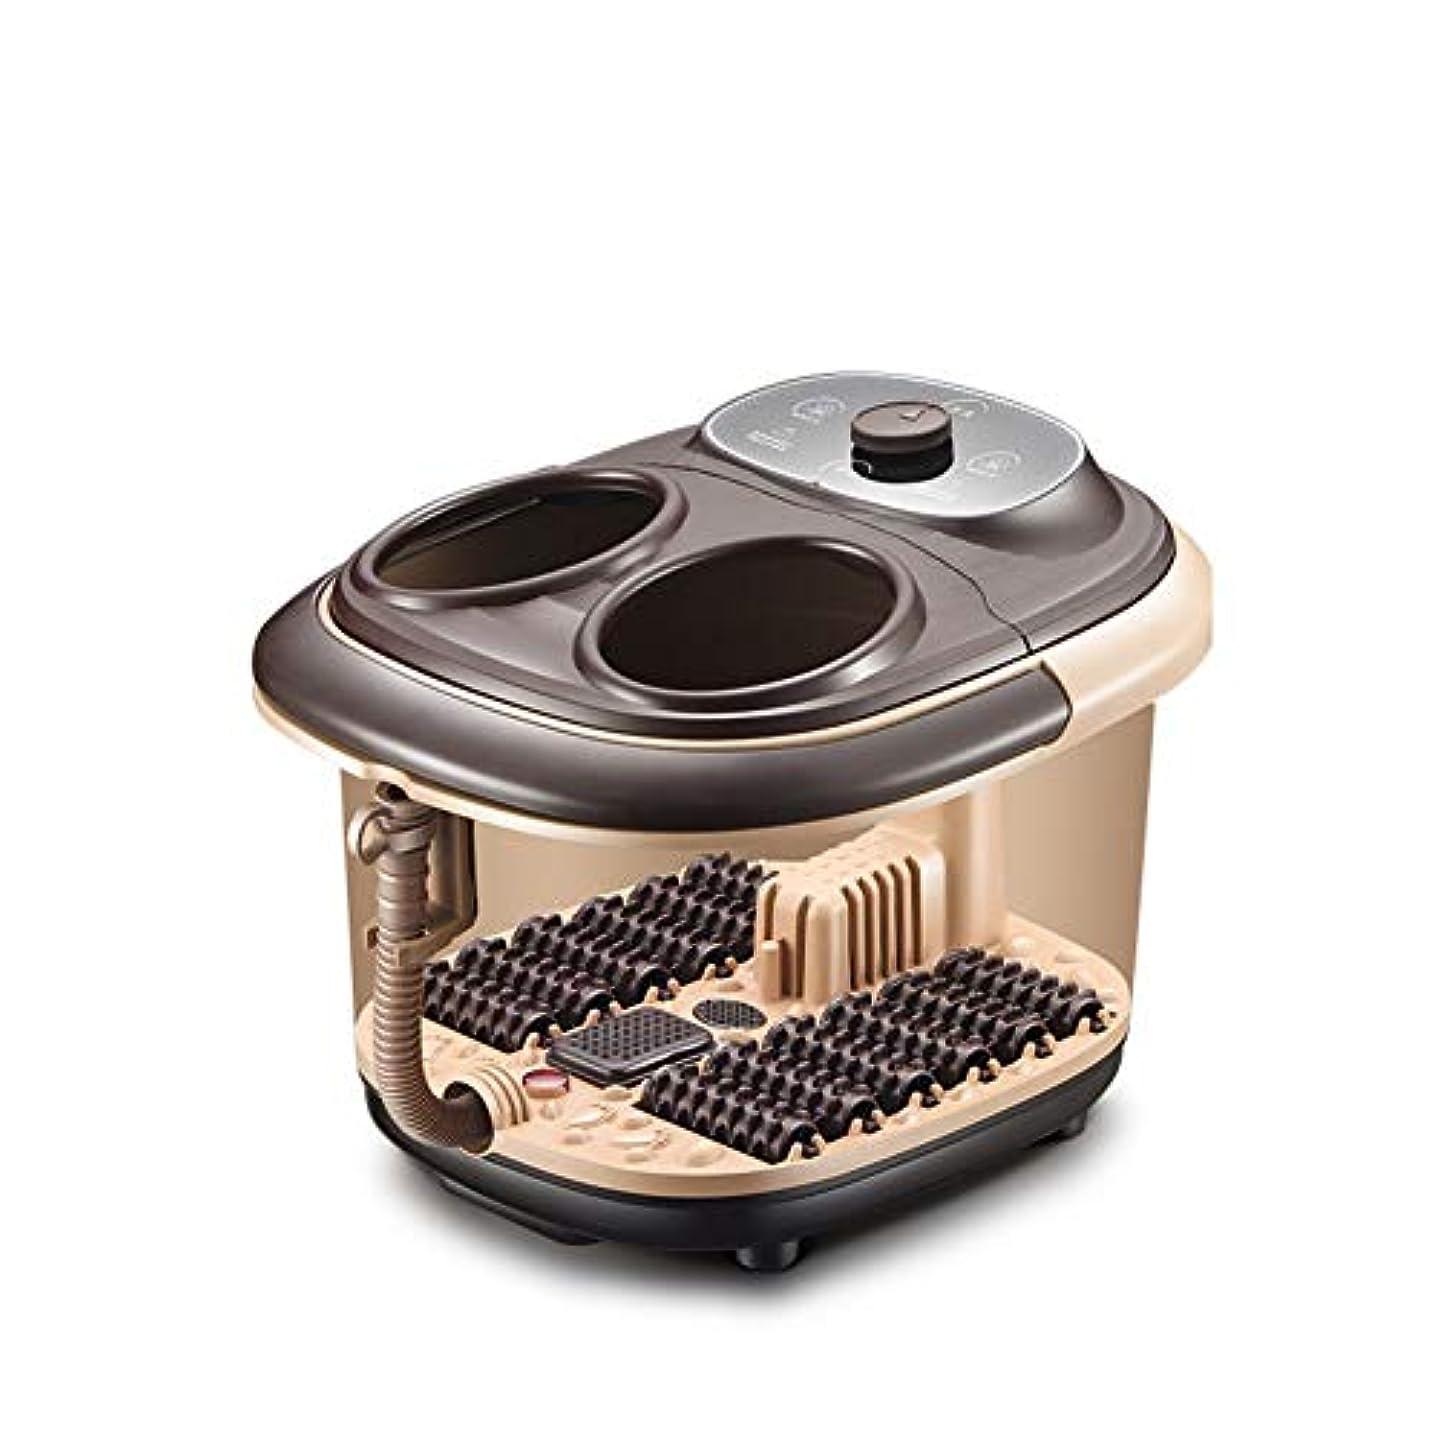 下位入札使用法マッサージ フットバス,足湯 熱を持つ,comfortology リークプルーフ 赤外線を和らげる 薬ボックス ハンドルを運ぶ-a 38x32x45cm(15x13x18inch)